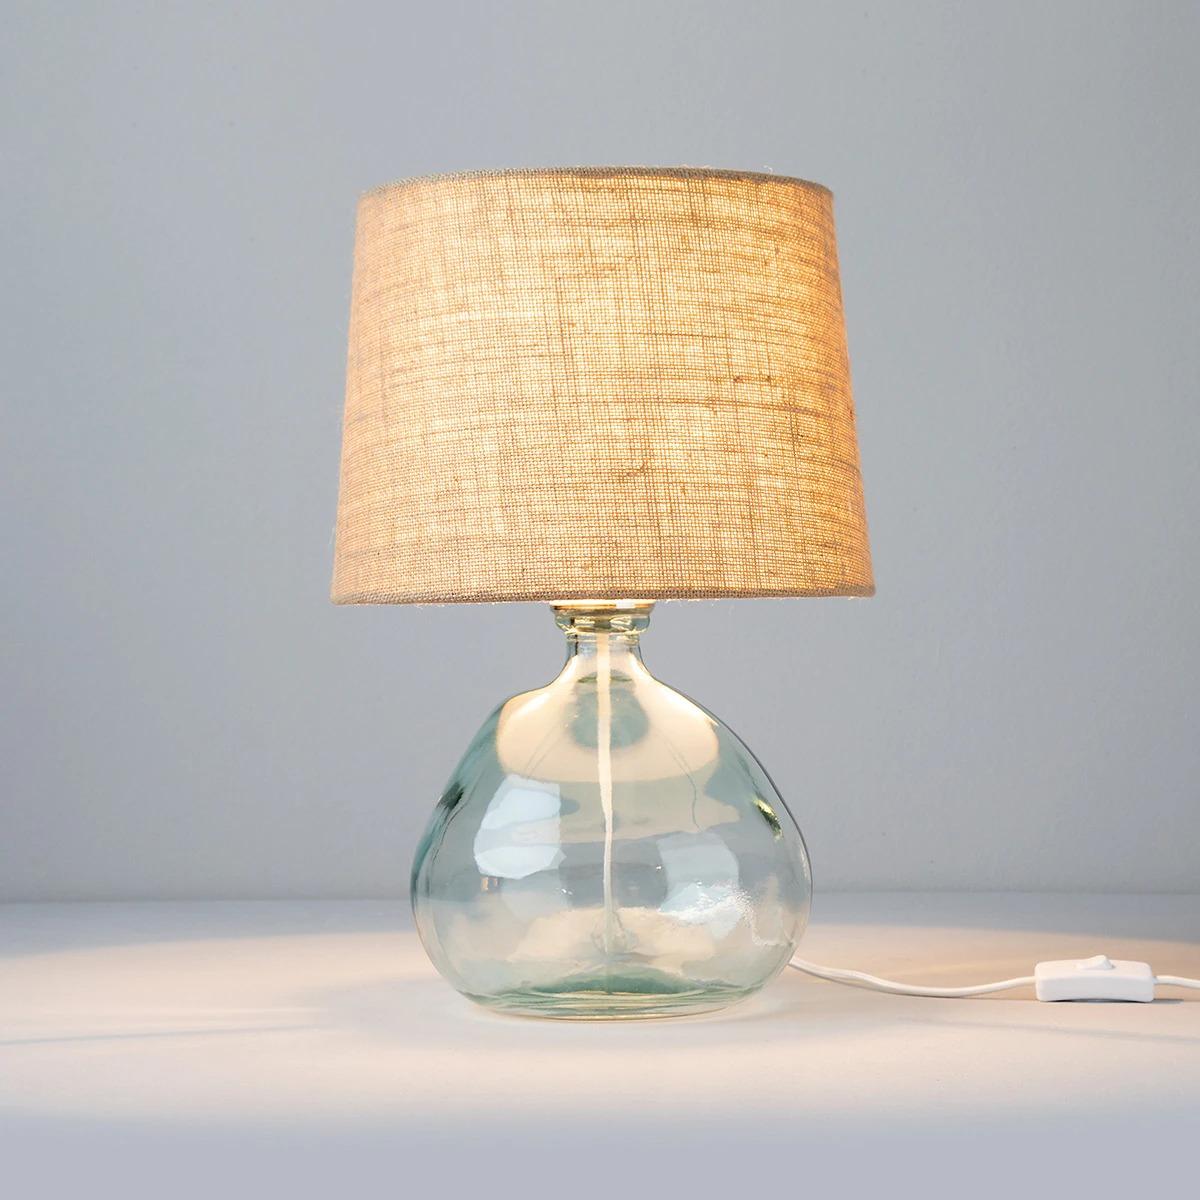 Lámpara de cristal reciclado